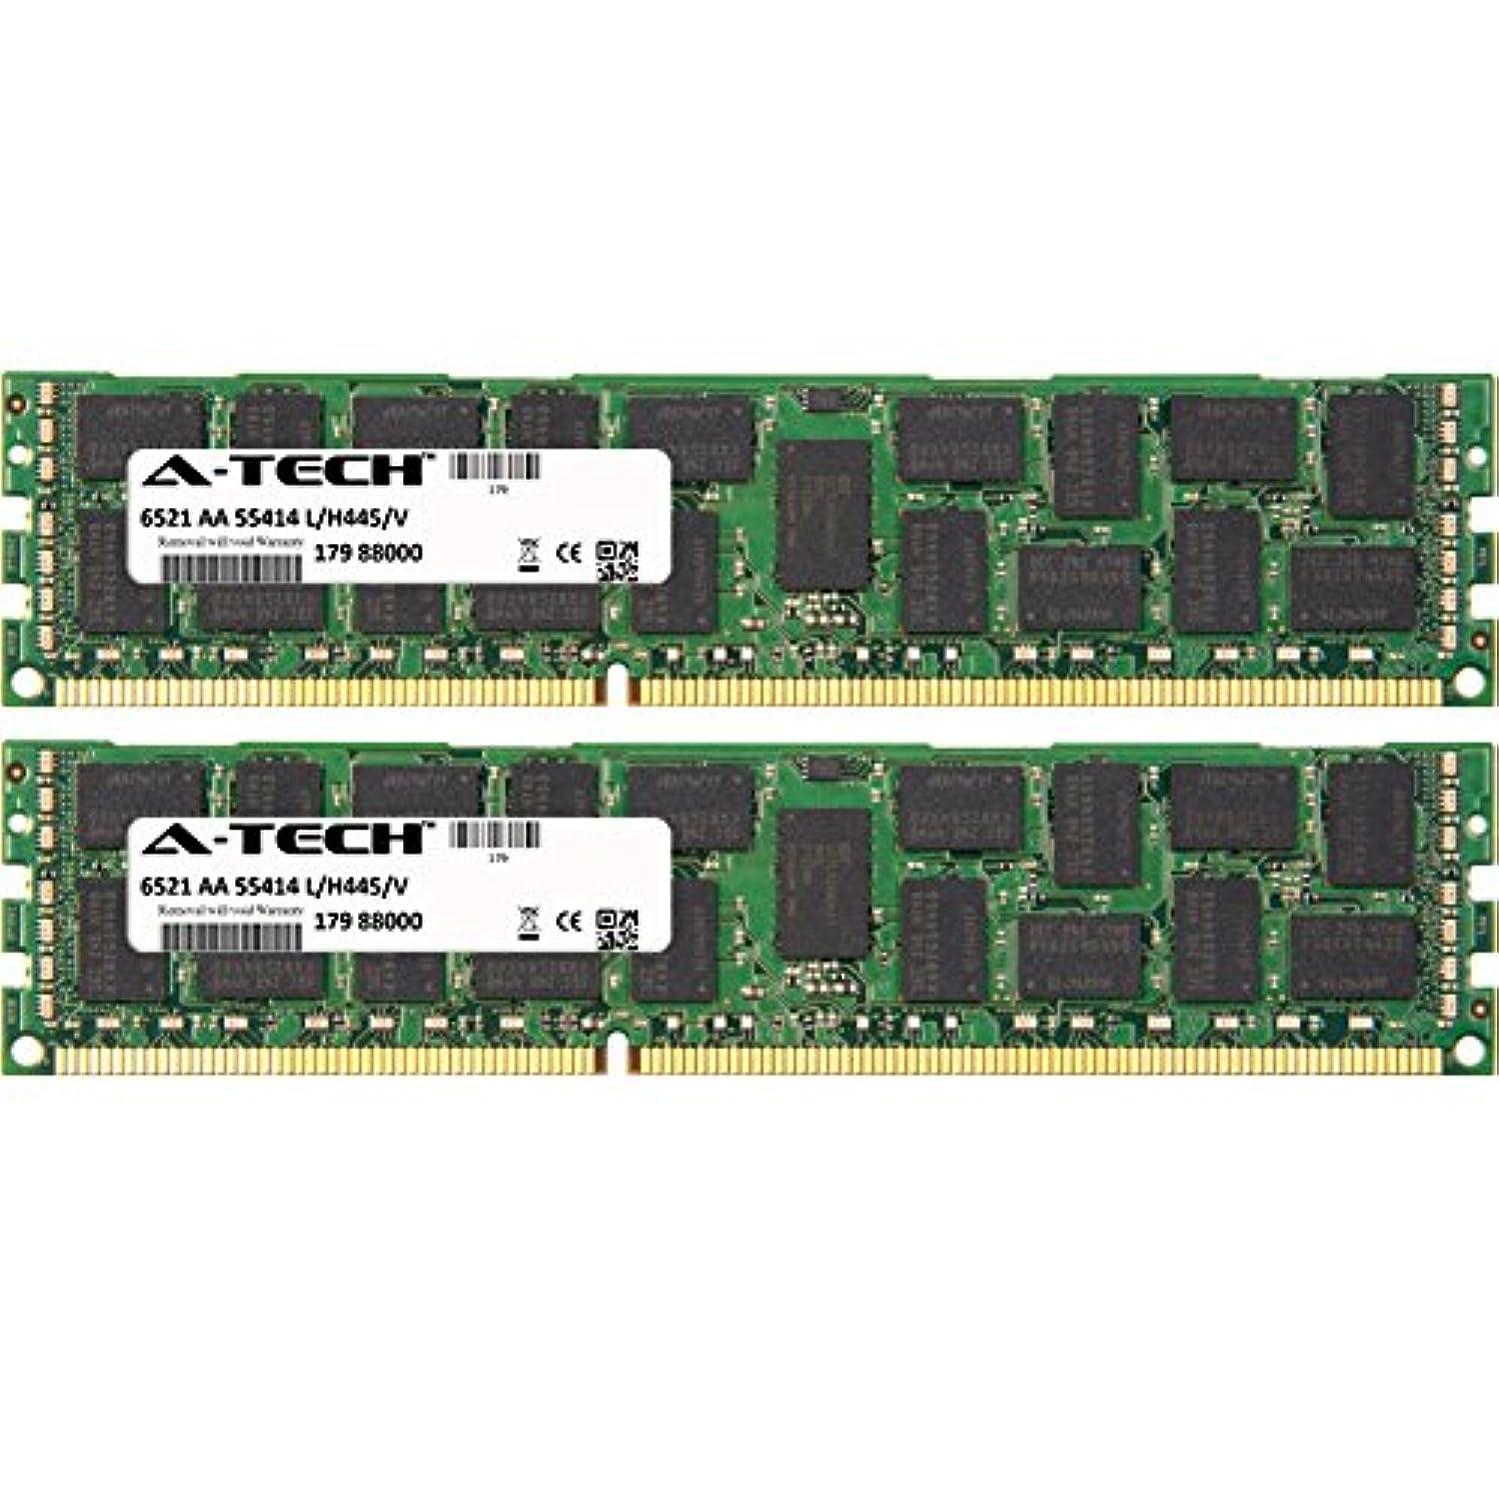 A-Tech 16GB KIT (2 x 8GB) for IBM-Lenovo System Series x3200 M3 (7328-xxx) (ECC Registered) x3250 M3 (4251-xxx) x3500 M4 x3550 M3 x3550 DIMM DDR3 ECC Registered PC3-8500 1066MHz Quad Rank RAM Memory